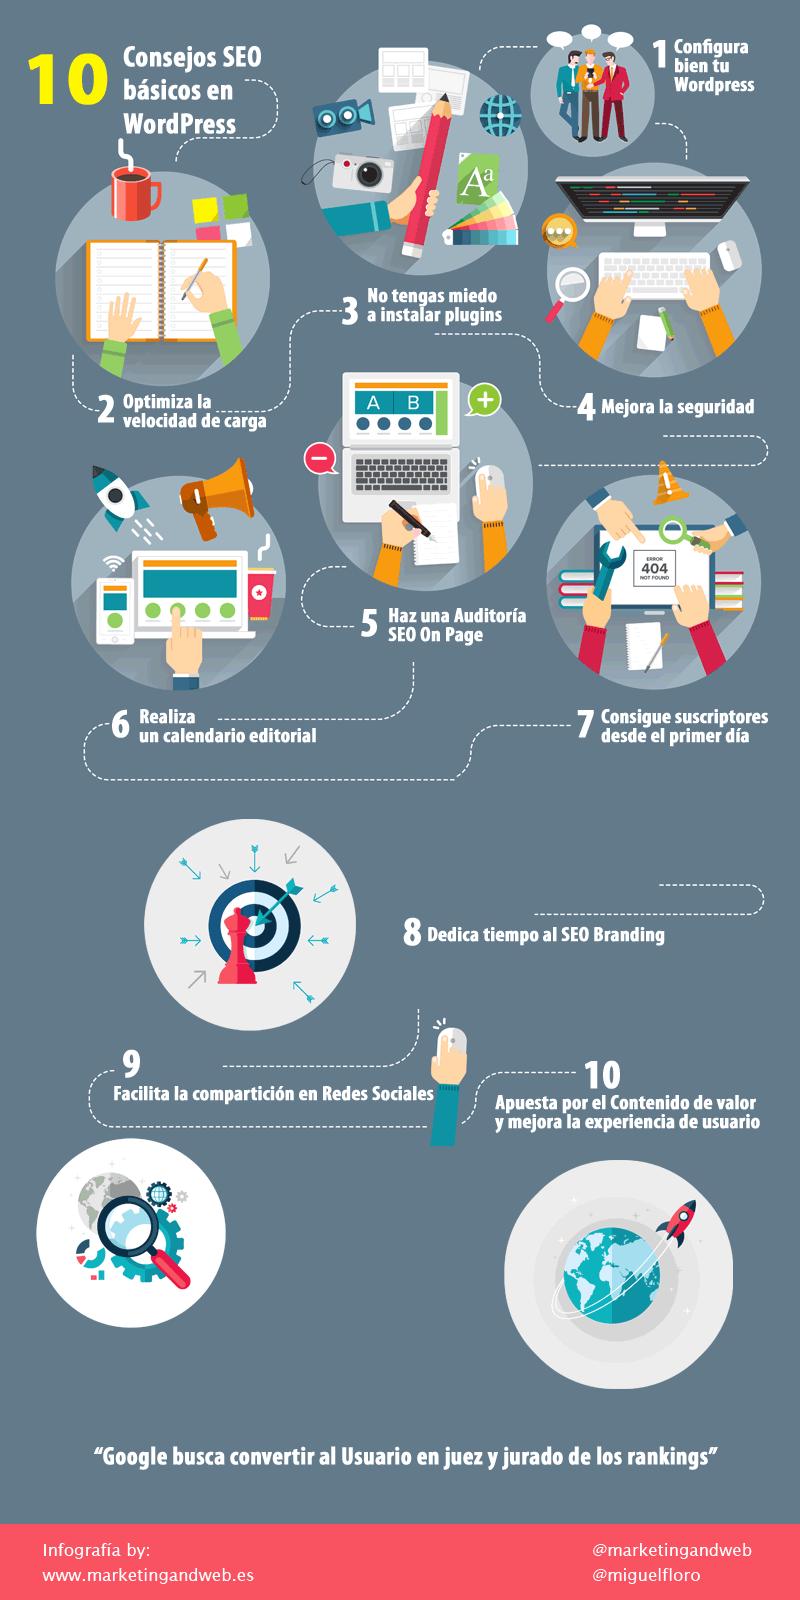 consejos-seo-wordpress-2016-infografia